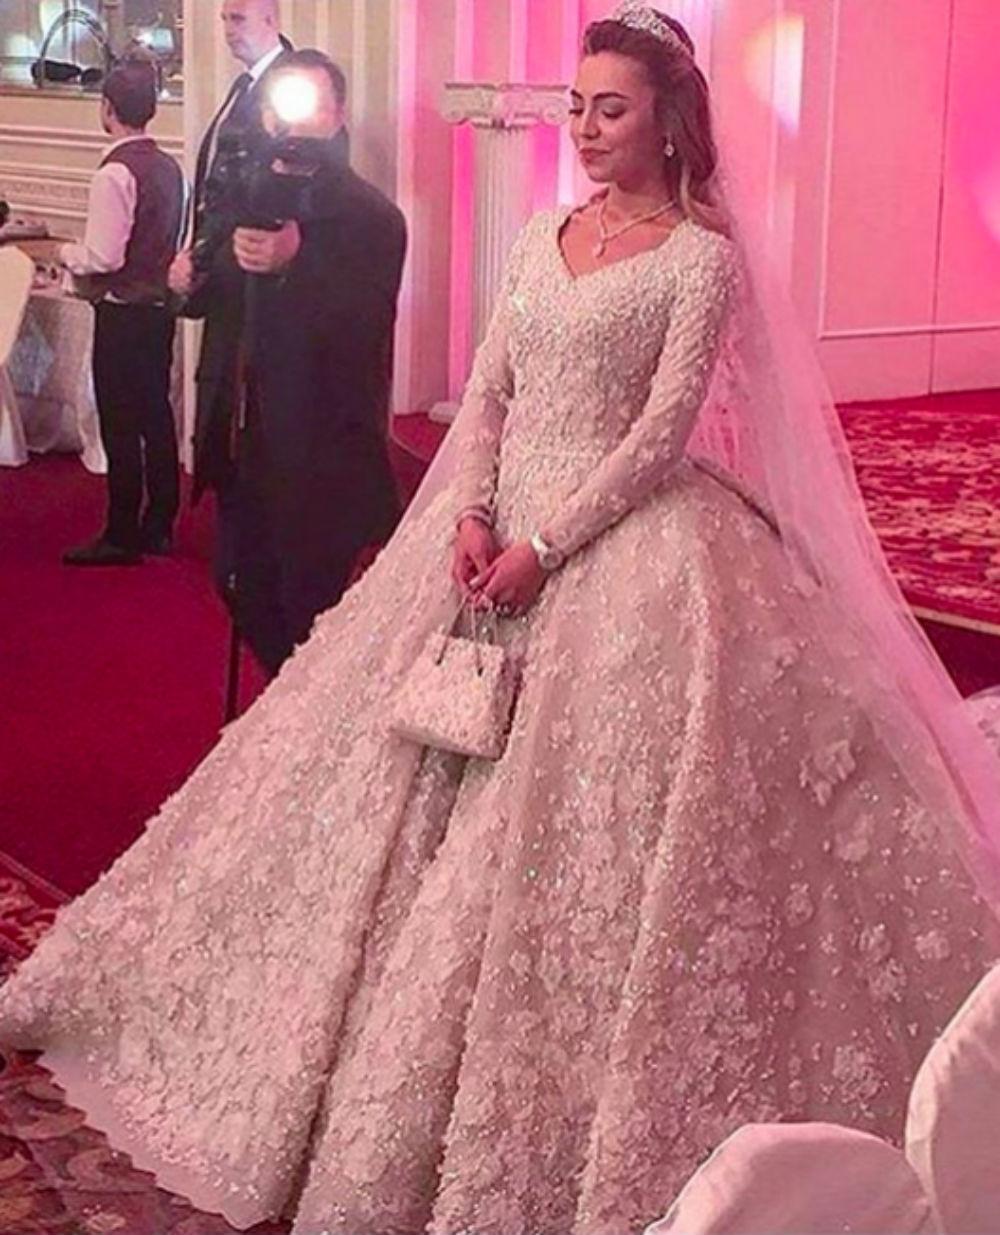 Платье невесты весит 25 килограммов и обошлось в 27 миллионов рублей